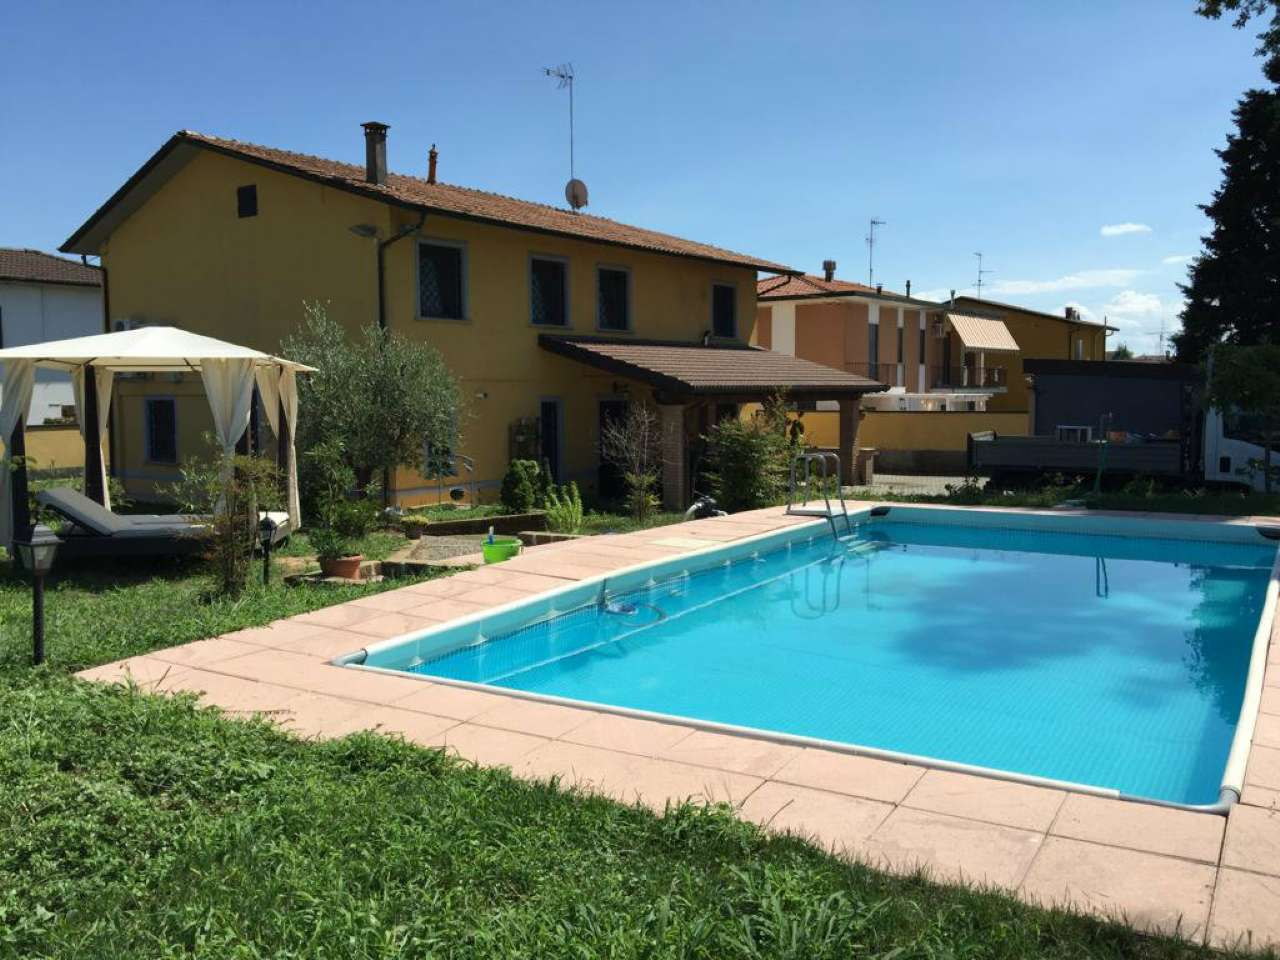 Villa singola con piscina e box per cavalli